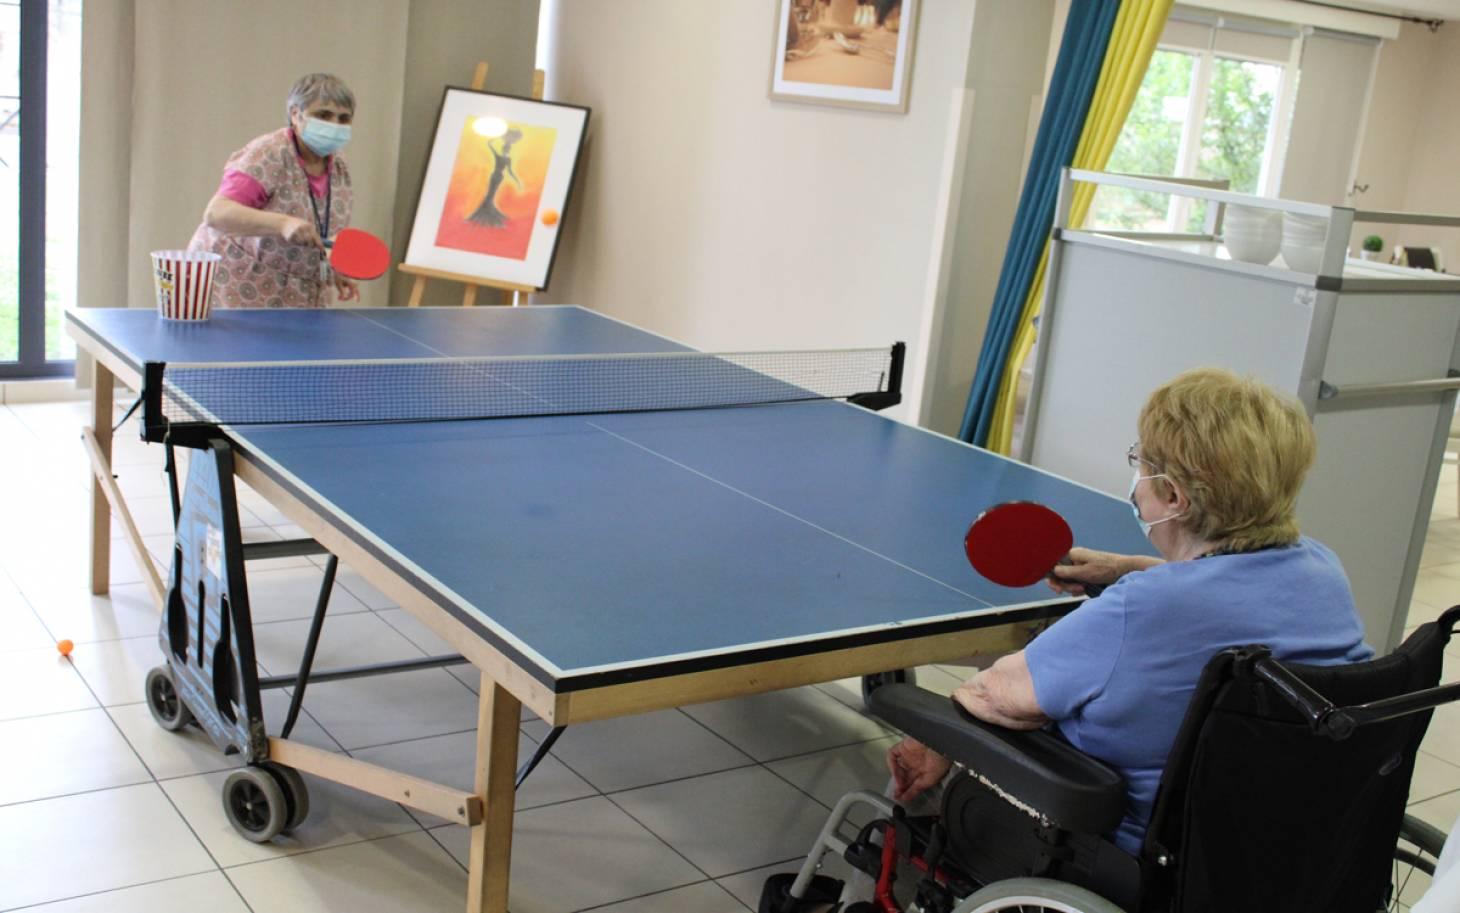 Le ping-pong, c'est la santé!